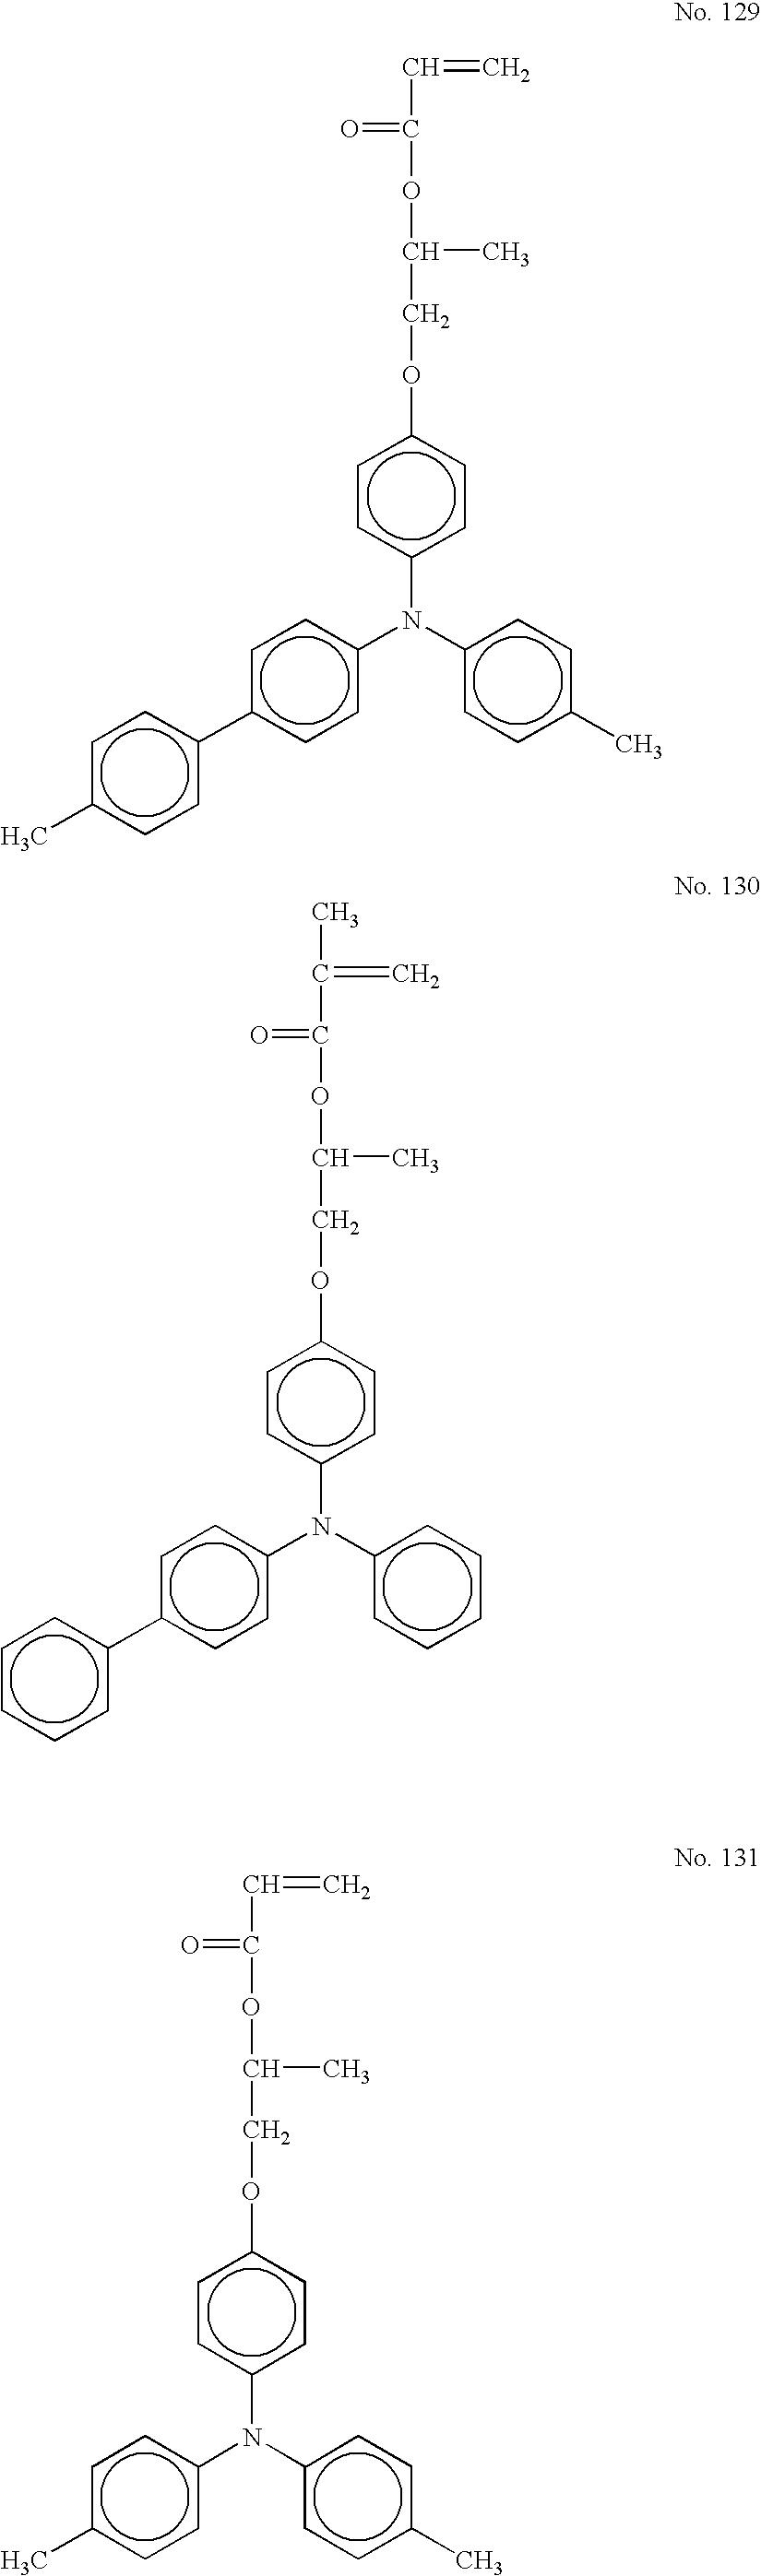 Figure US07390600-20080624-C00047